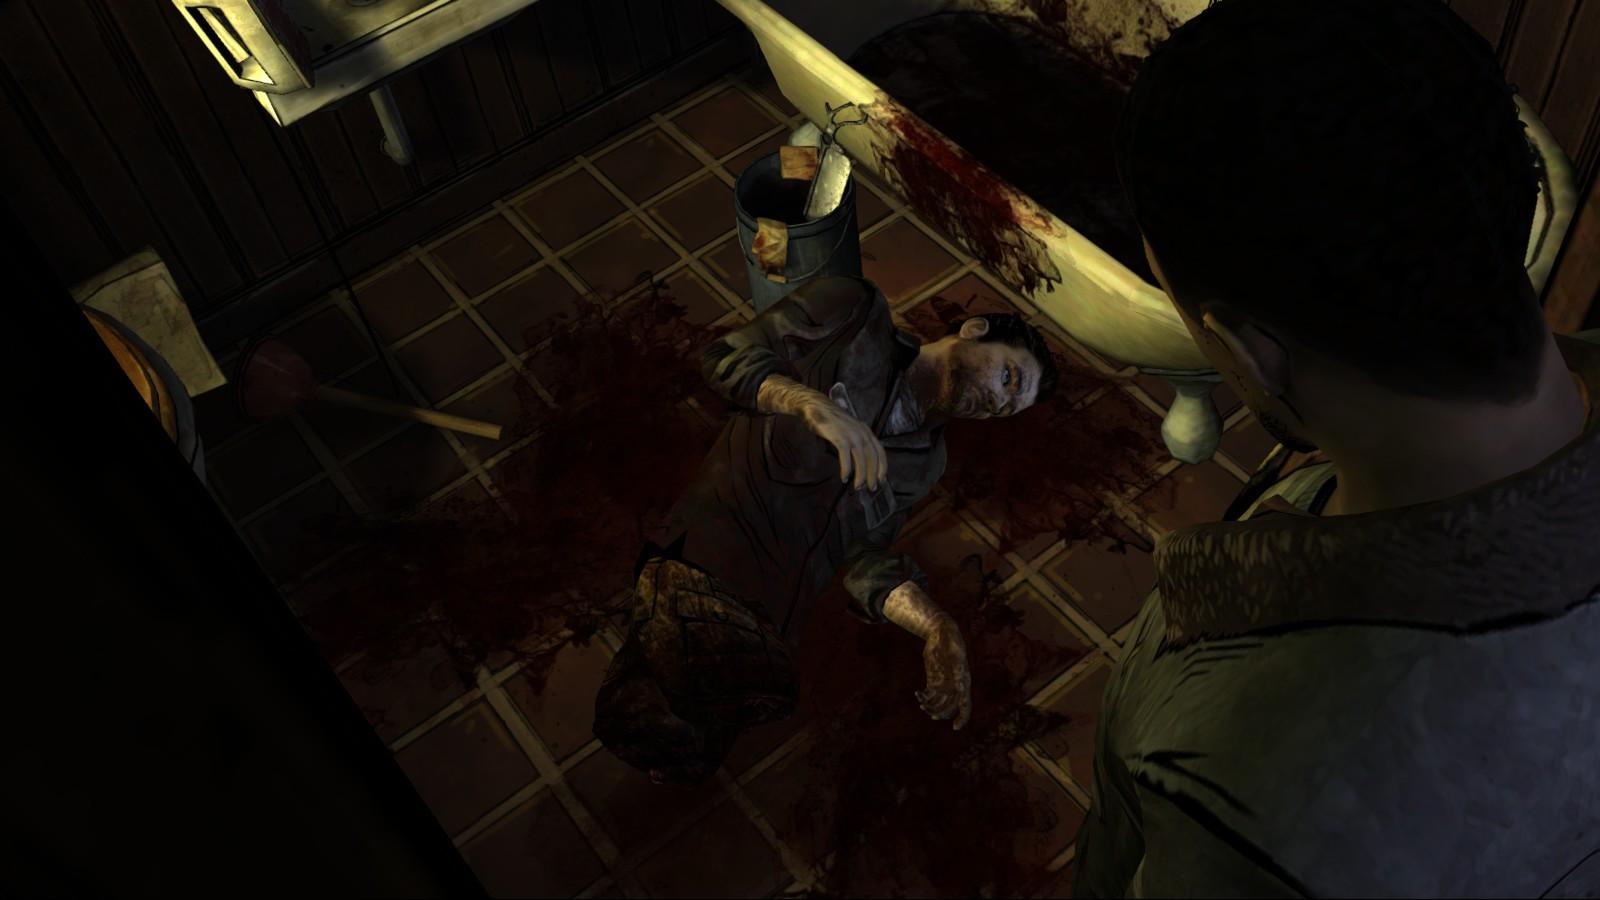 Mark (Video Game) | Walking Dead Wiki | FANDOM powered by Wikia